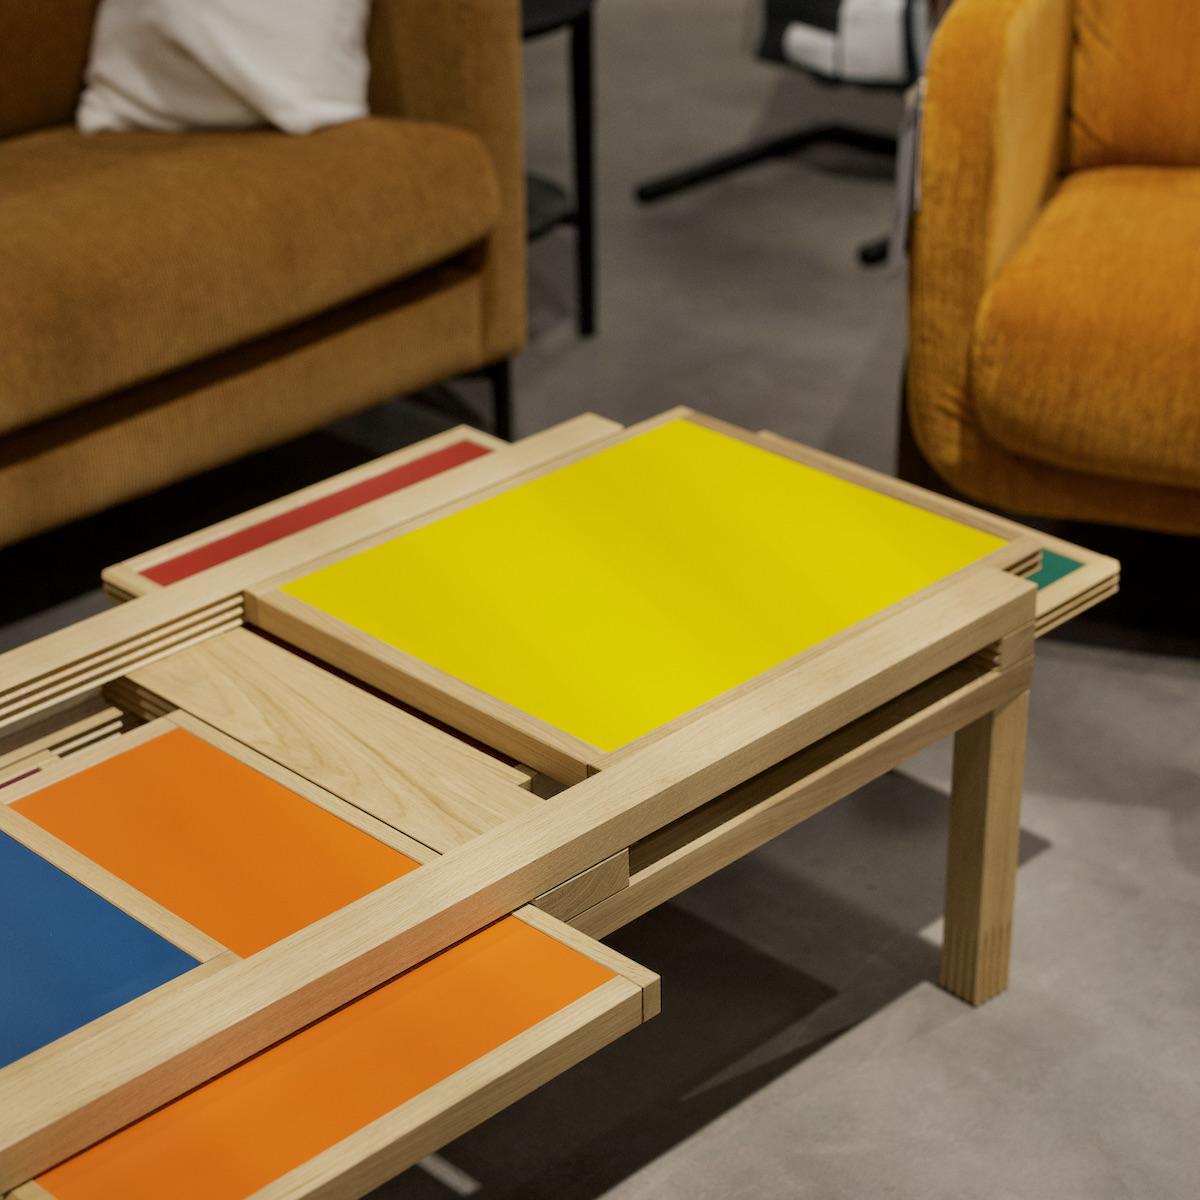 table basse bois mikado Mondrian dalle colorée jaune orange bleu rouge vert